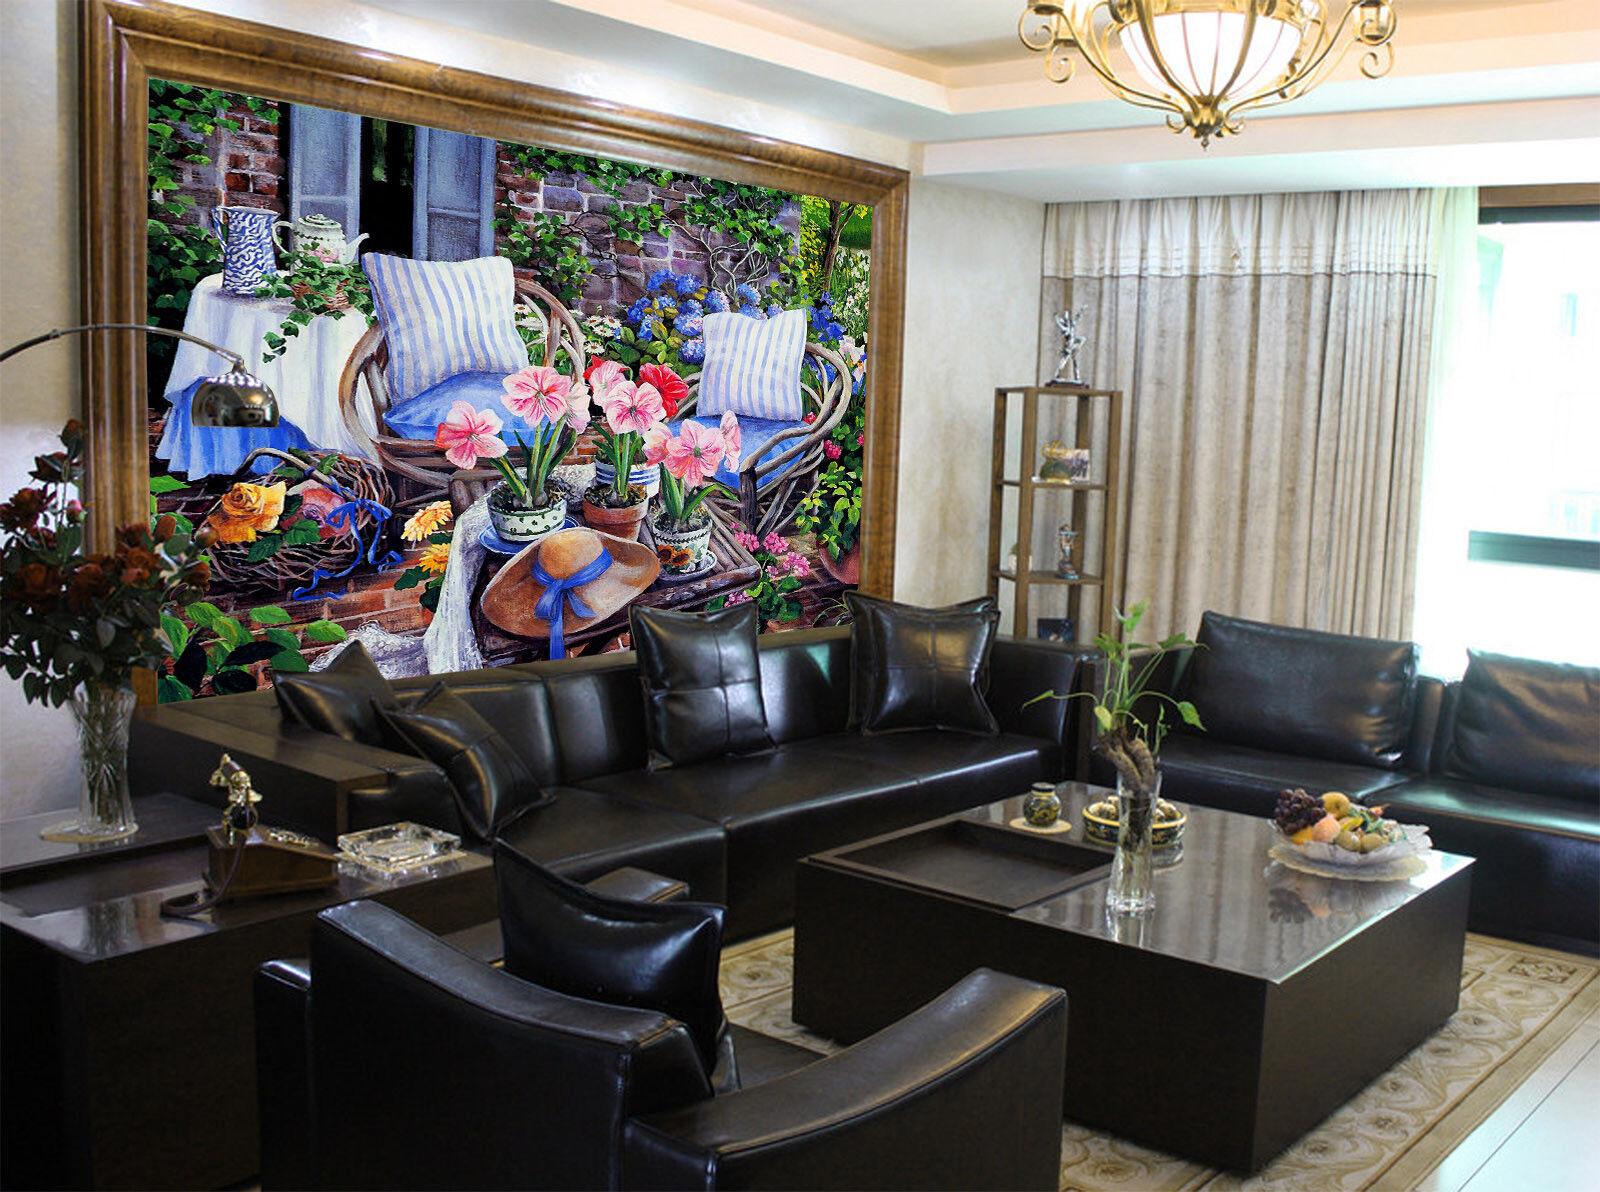 Papel Pintado Mural De Vellón 21 Sofá Balcón Flores 21 Vellón Paisaje Fondo De Pantalla ES 1aec4c